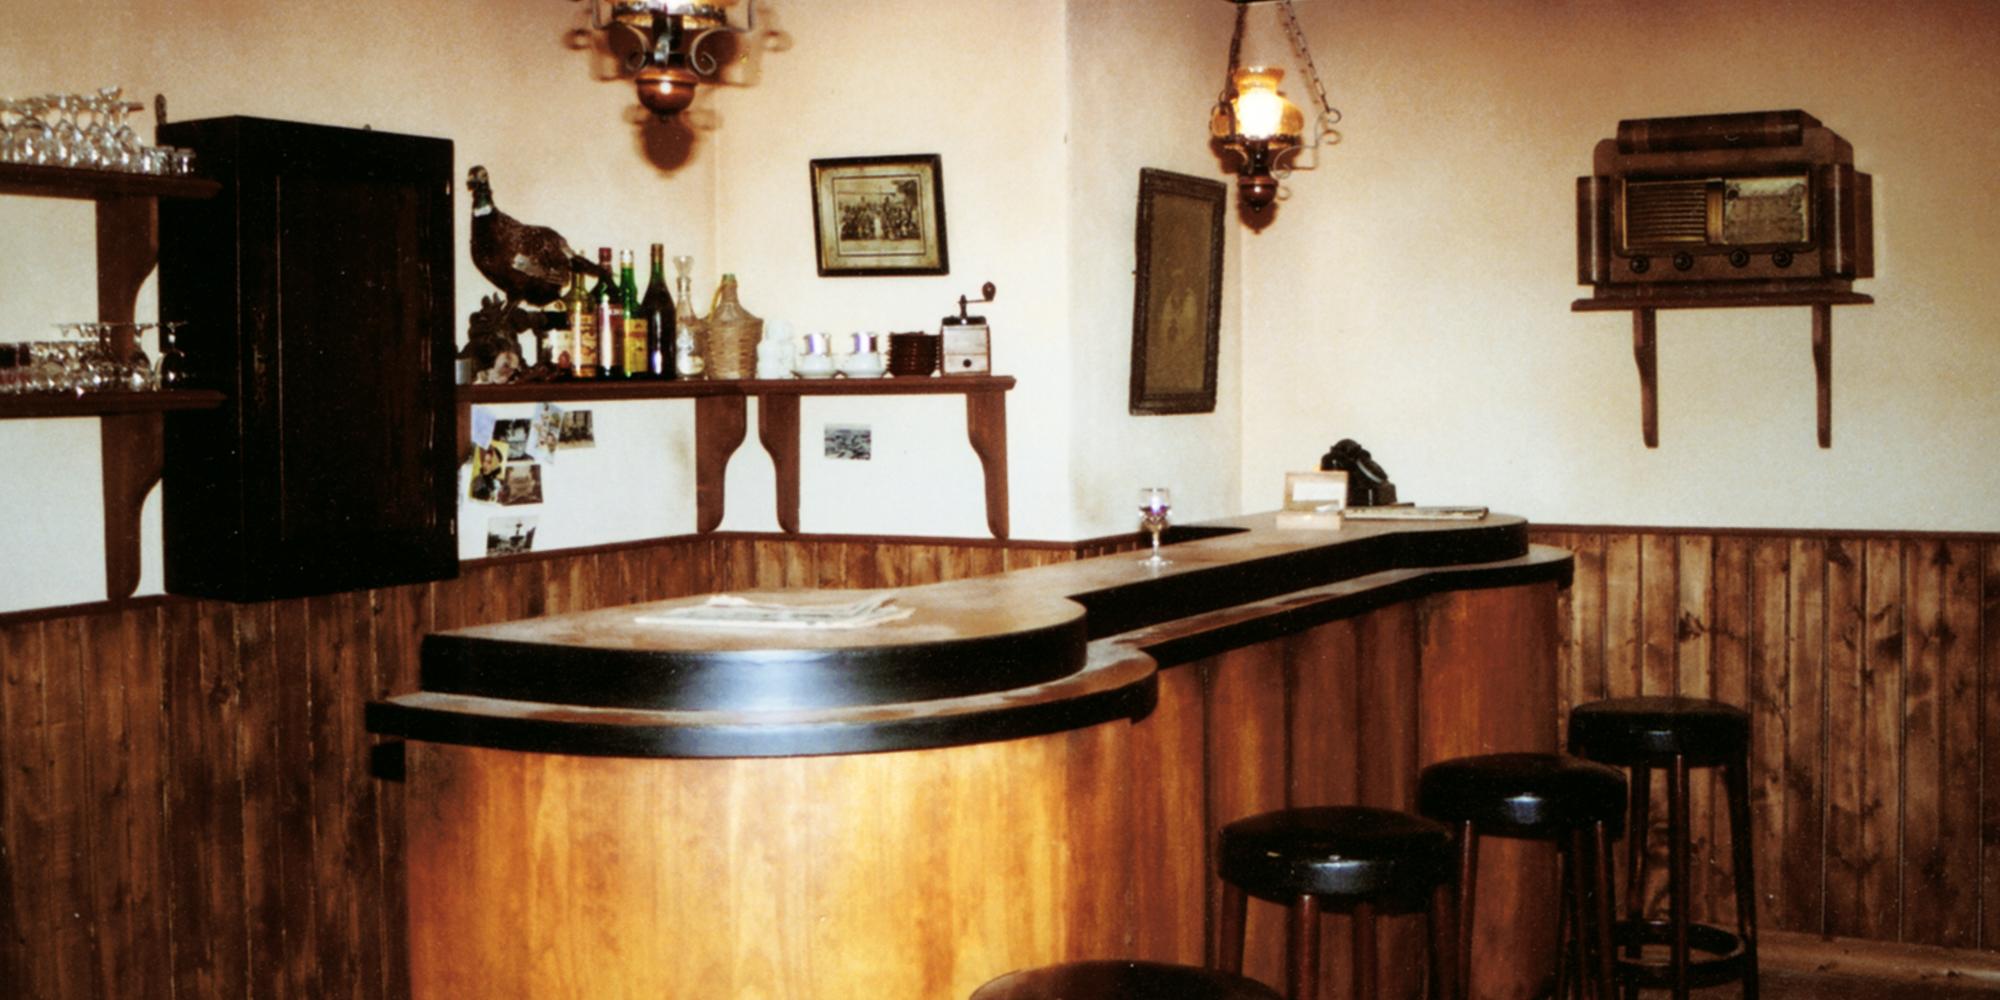 décor de cinéma de bar vintage pour le long métrage terre de sang